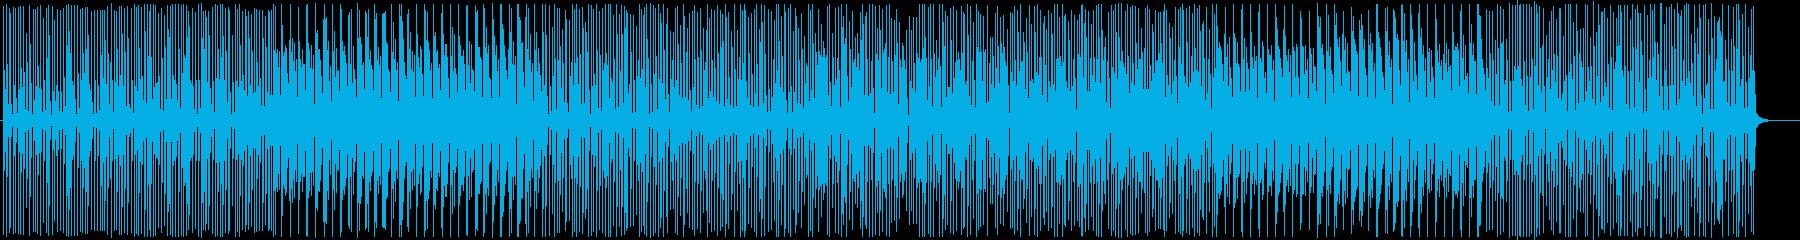 リズミカルなニュースPV等シンセBGMの再生済みの波形